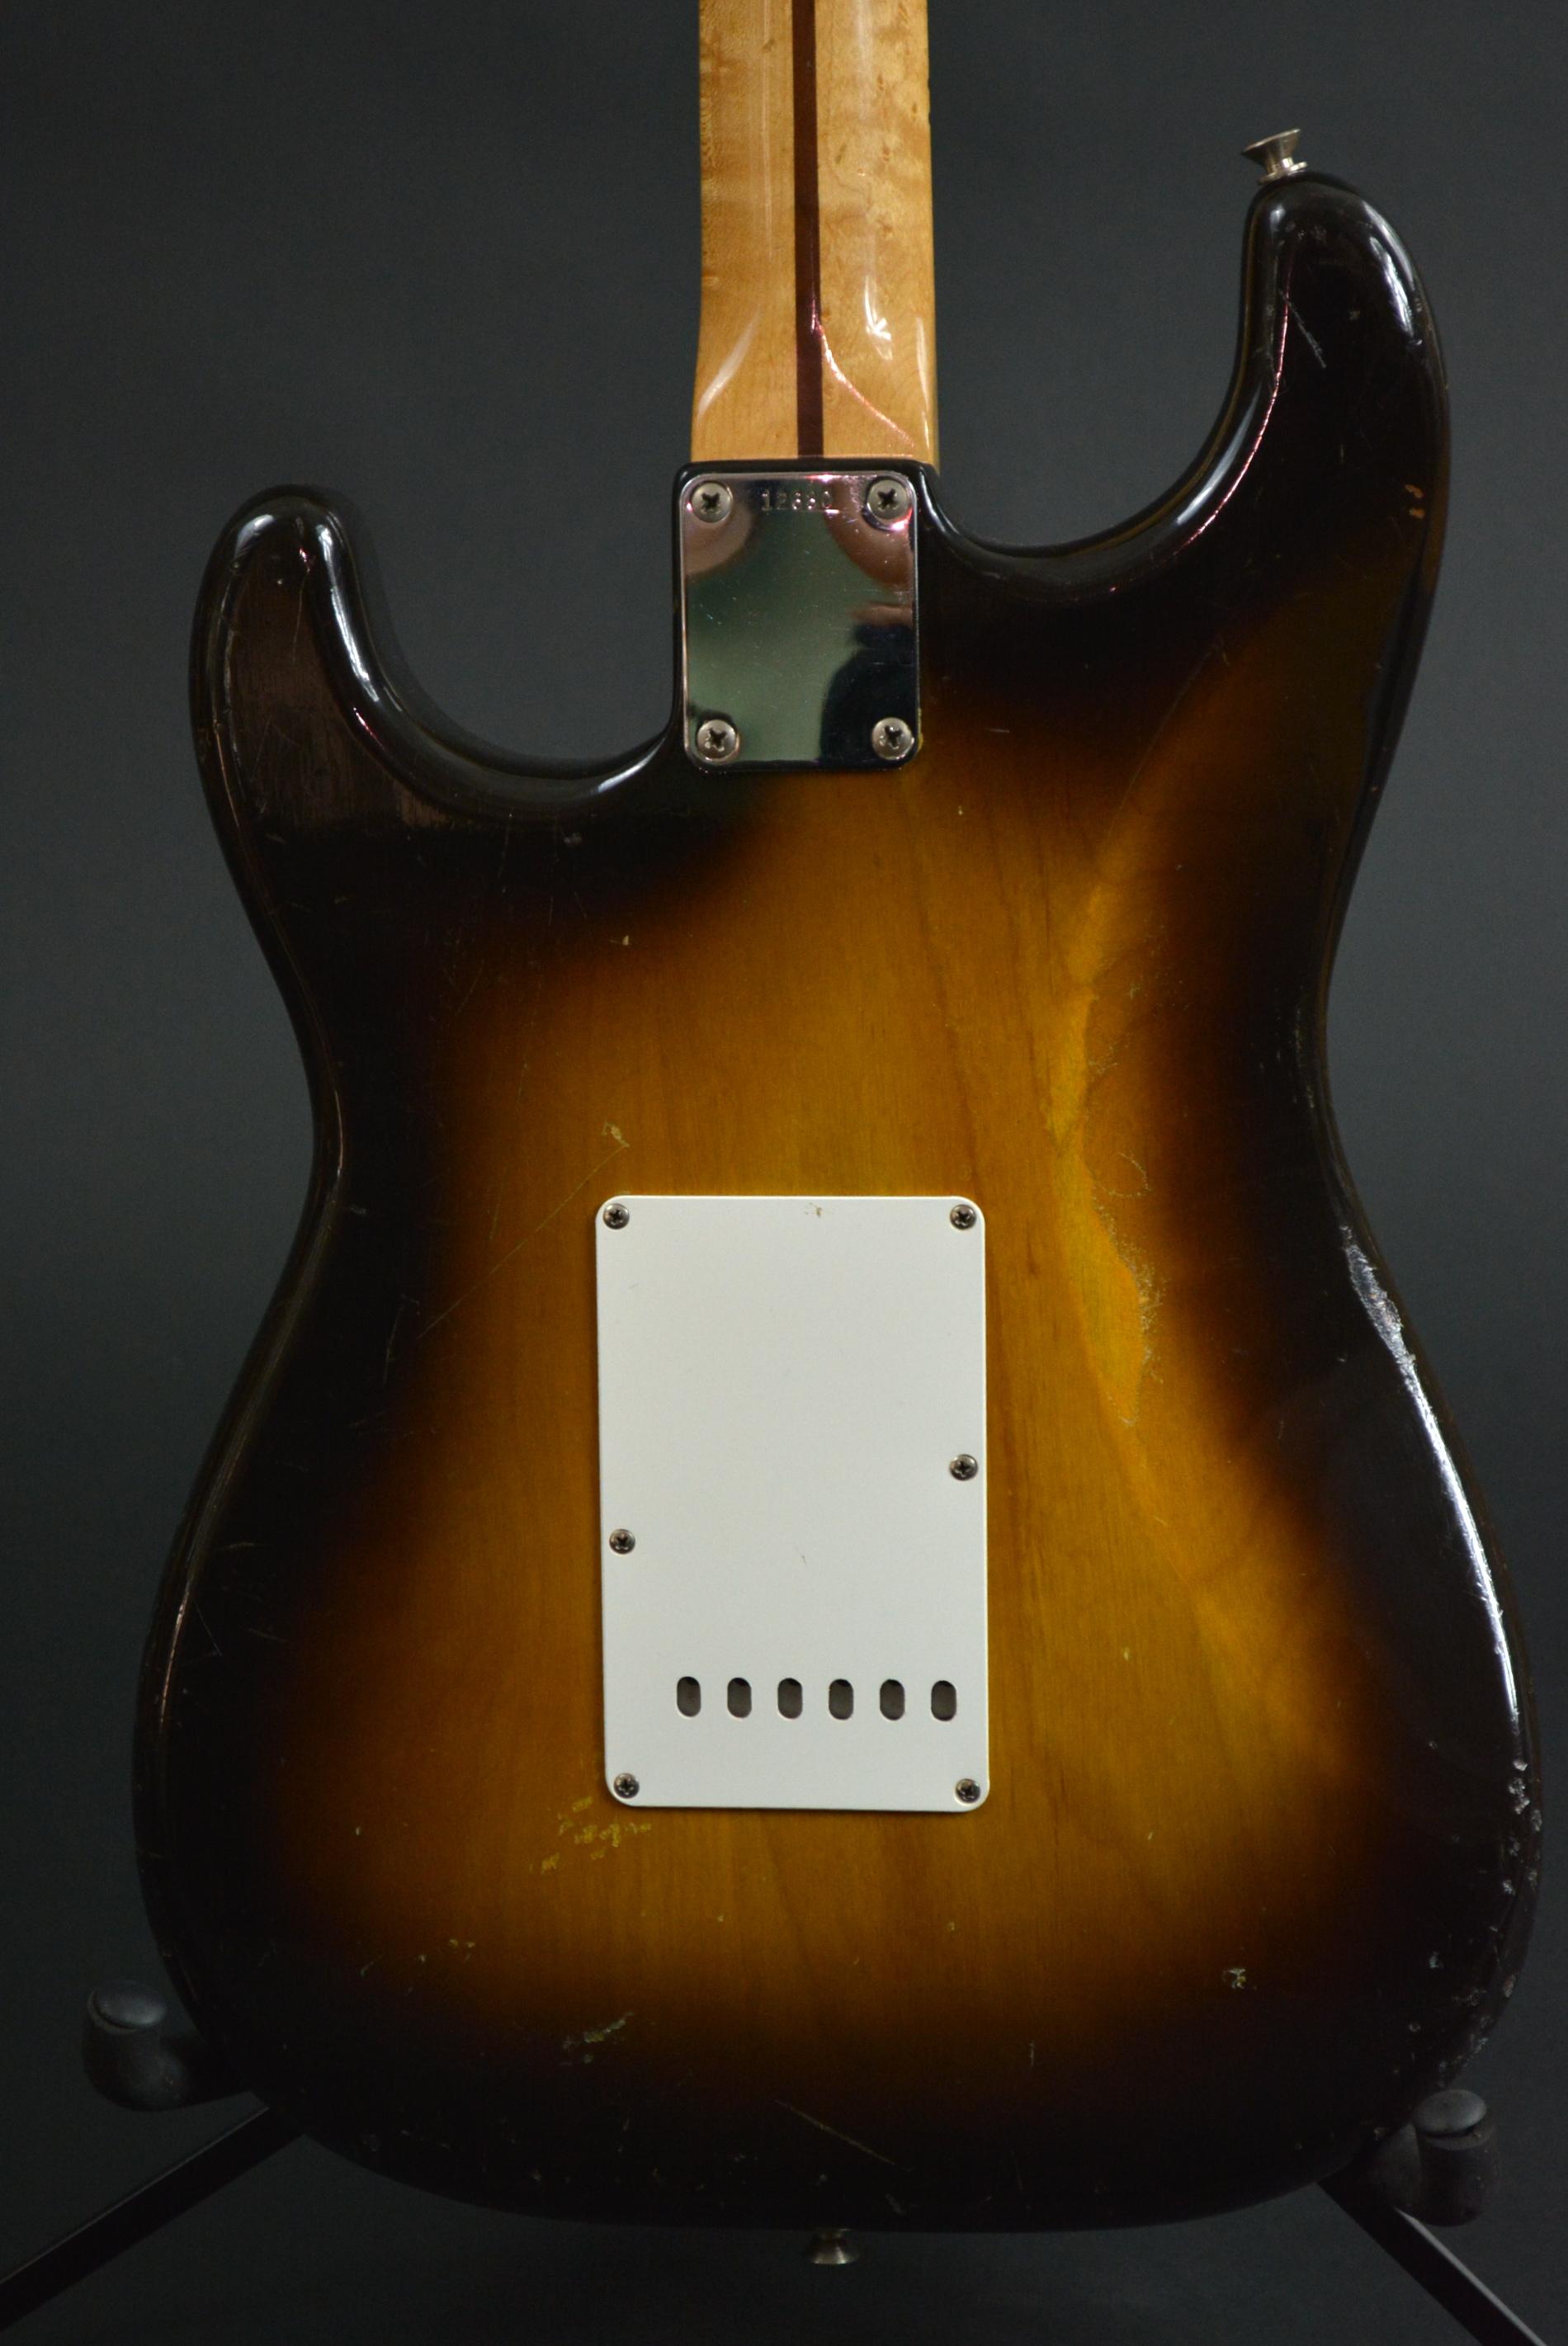 1956 Fender Stratocaster Voltage Guitar